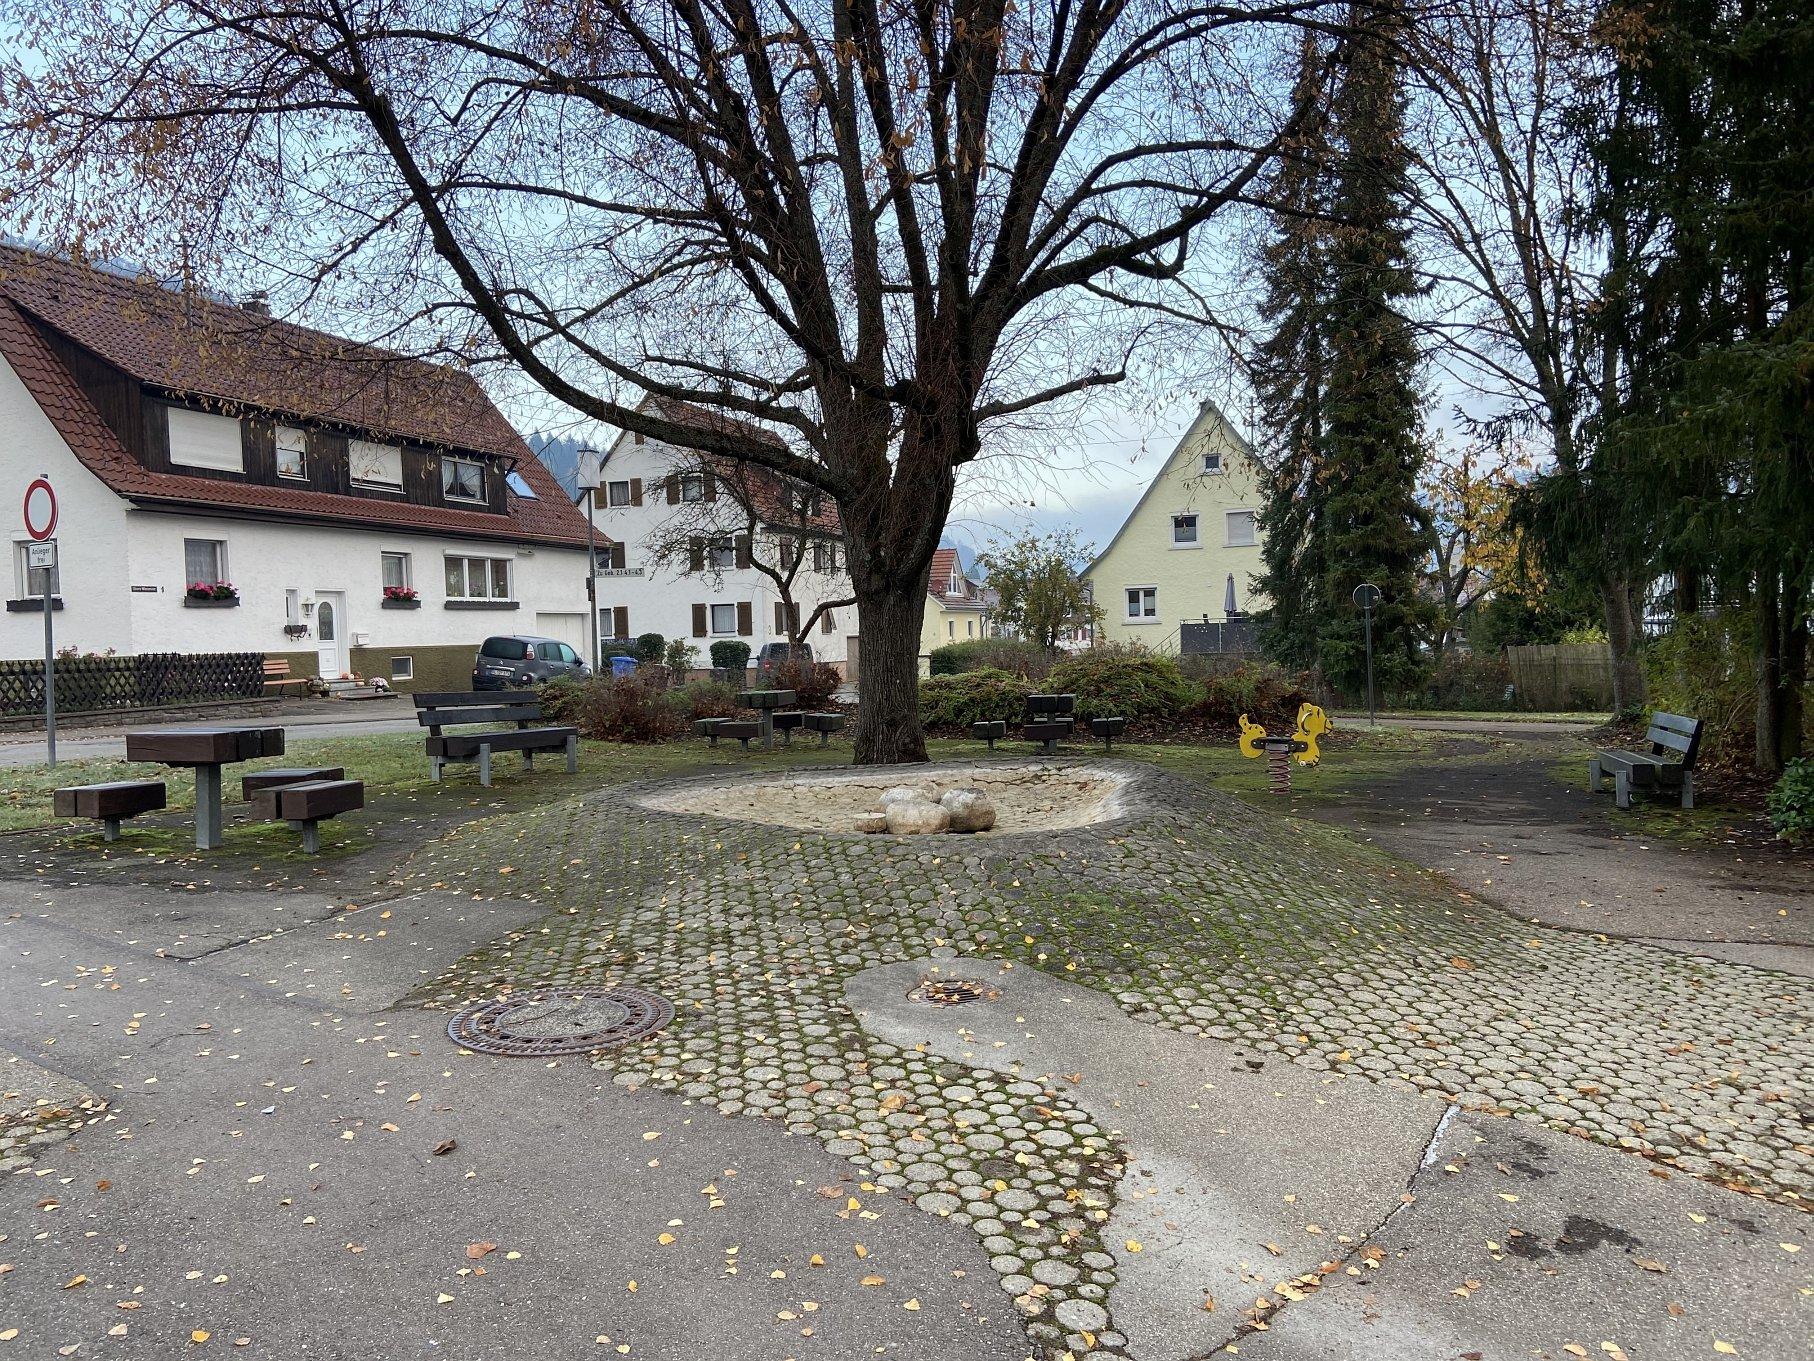 Spielplatz Steigstraße Albstadt-Viel Platz hier!